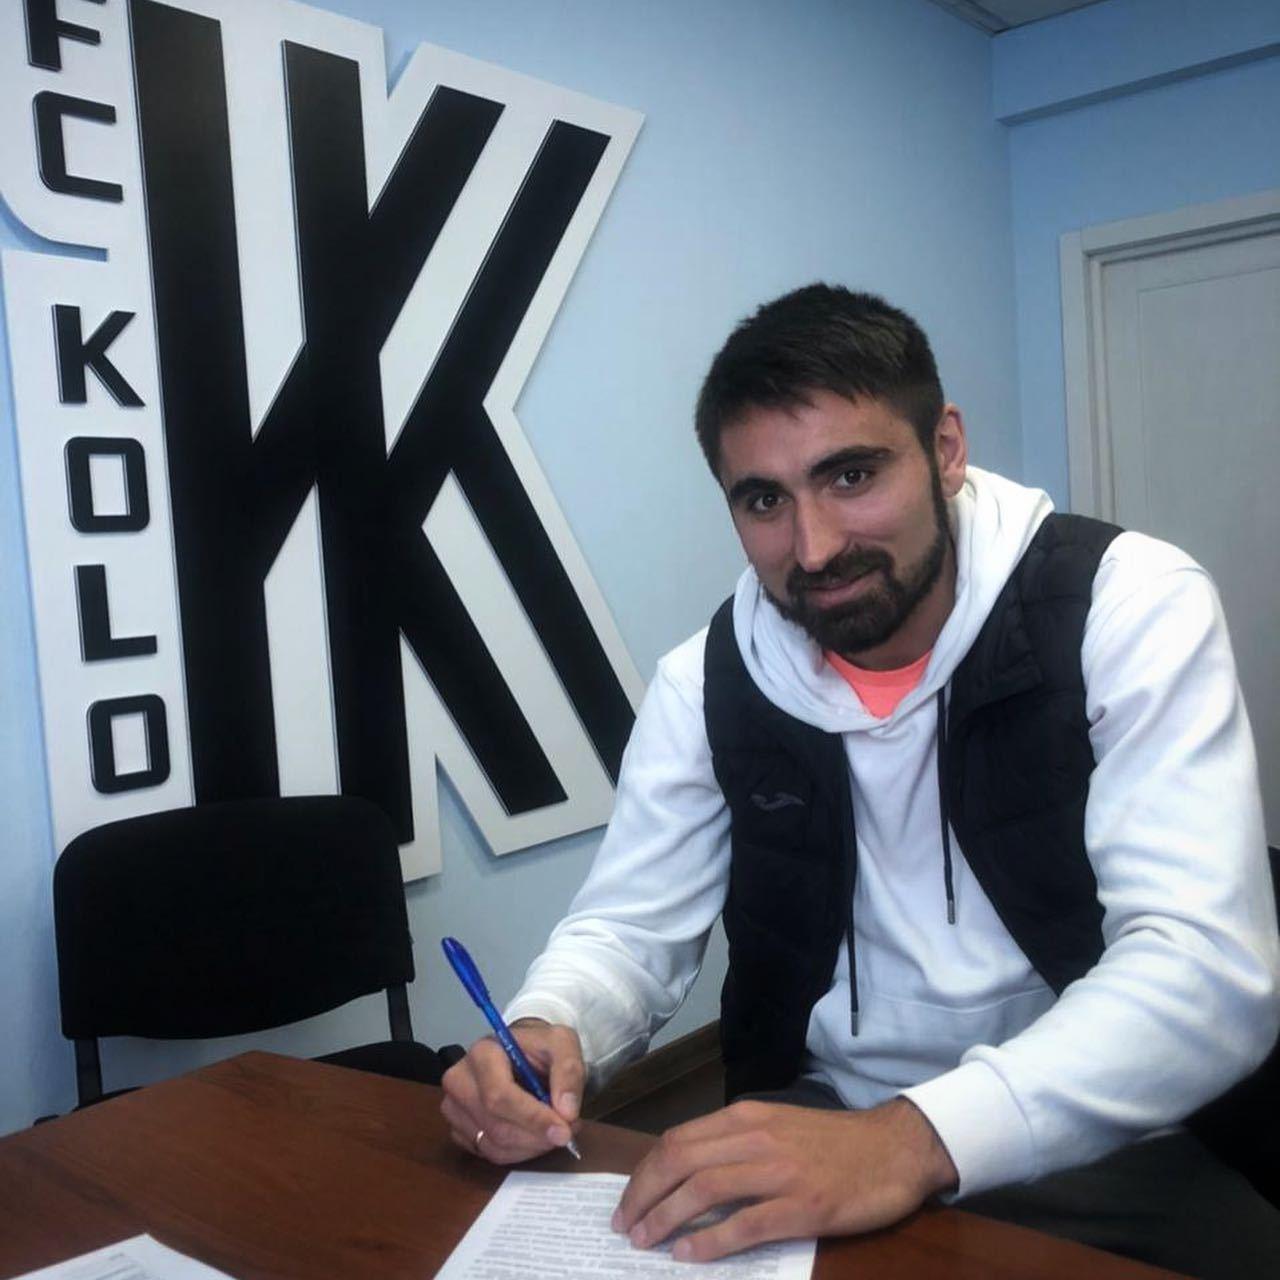 Колос объявил о подписании грузинского форварда Сичинавы - изображение 1